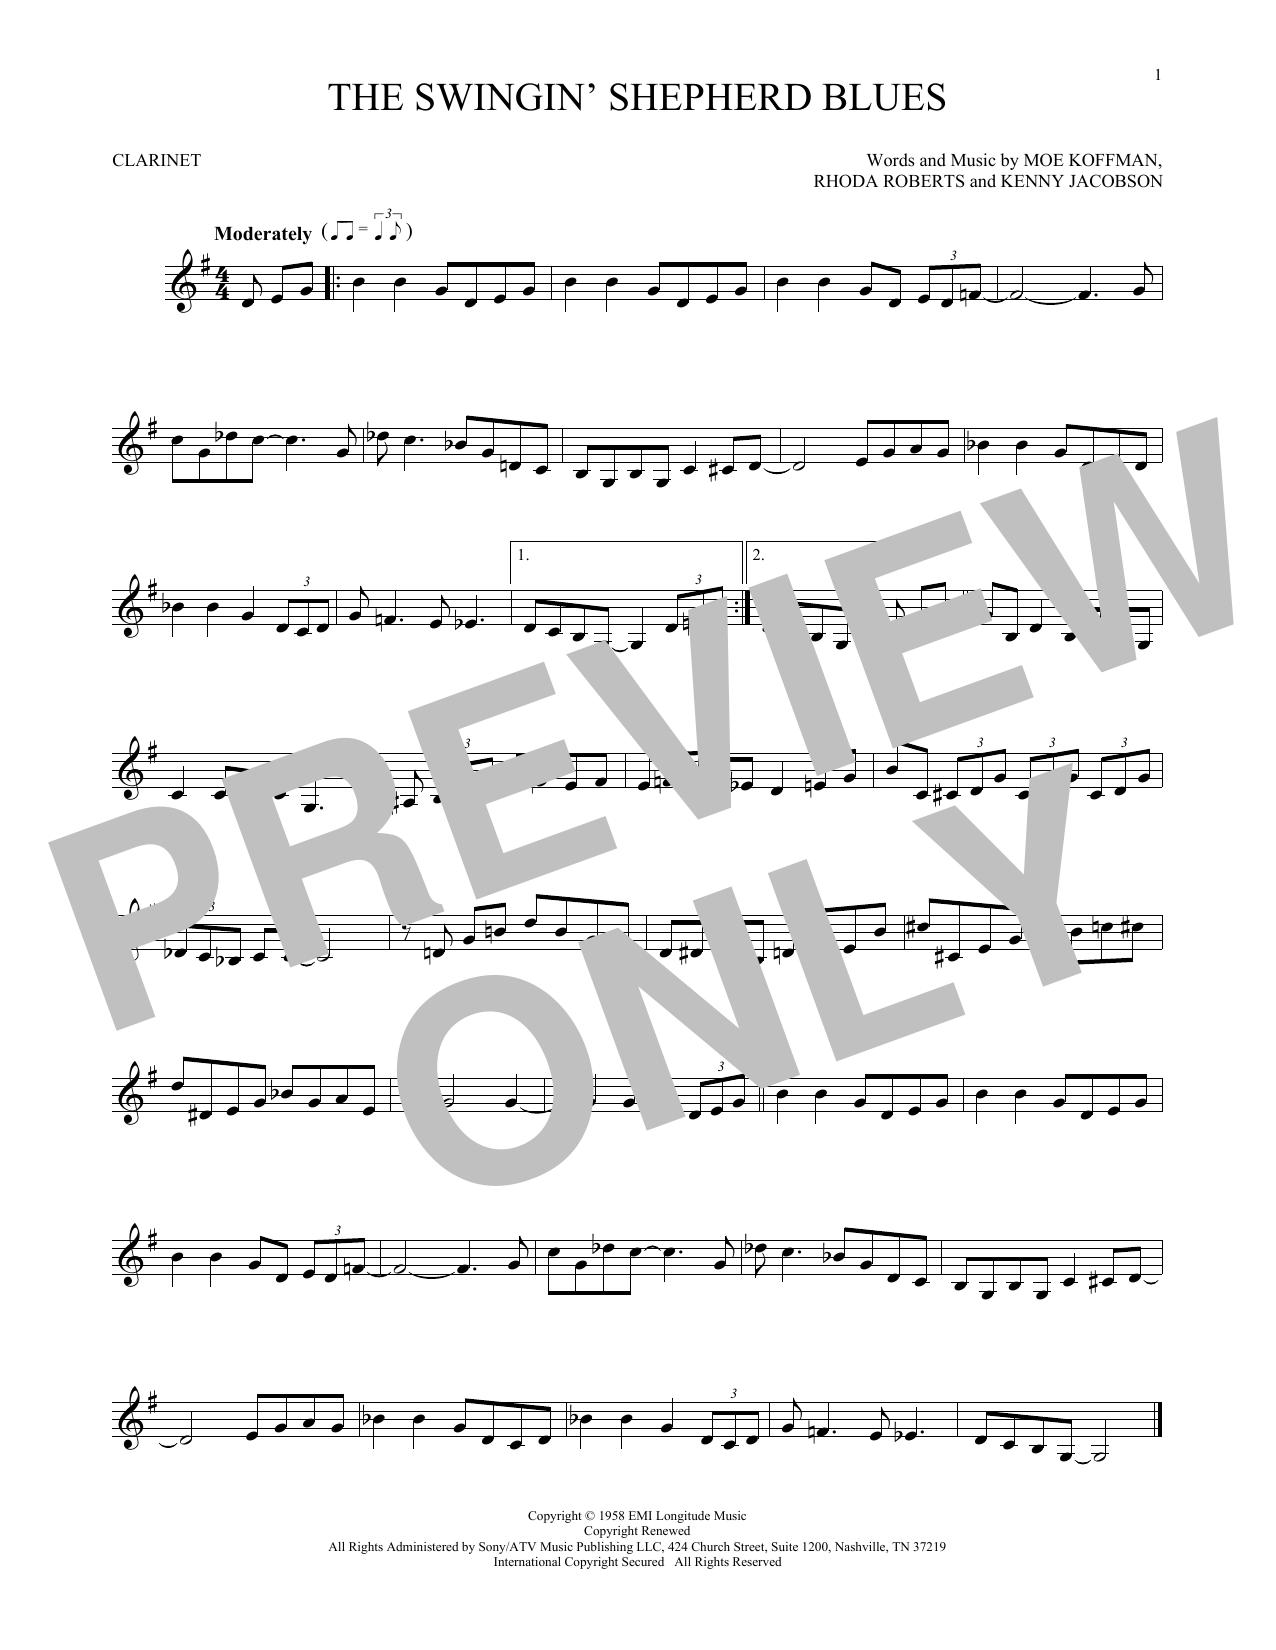 The Swingin' Shepherd Blues (Clarinet Solo)